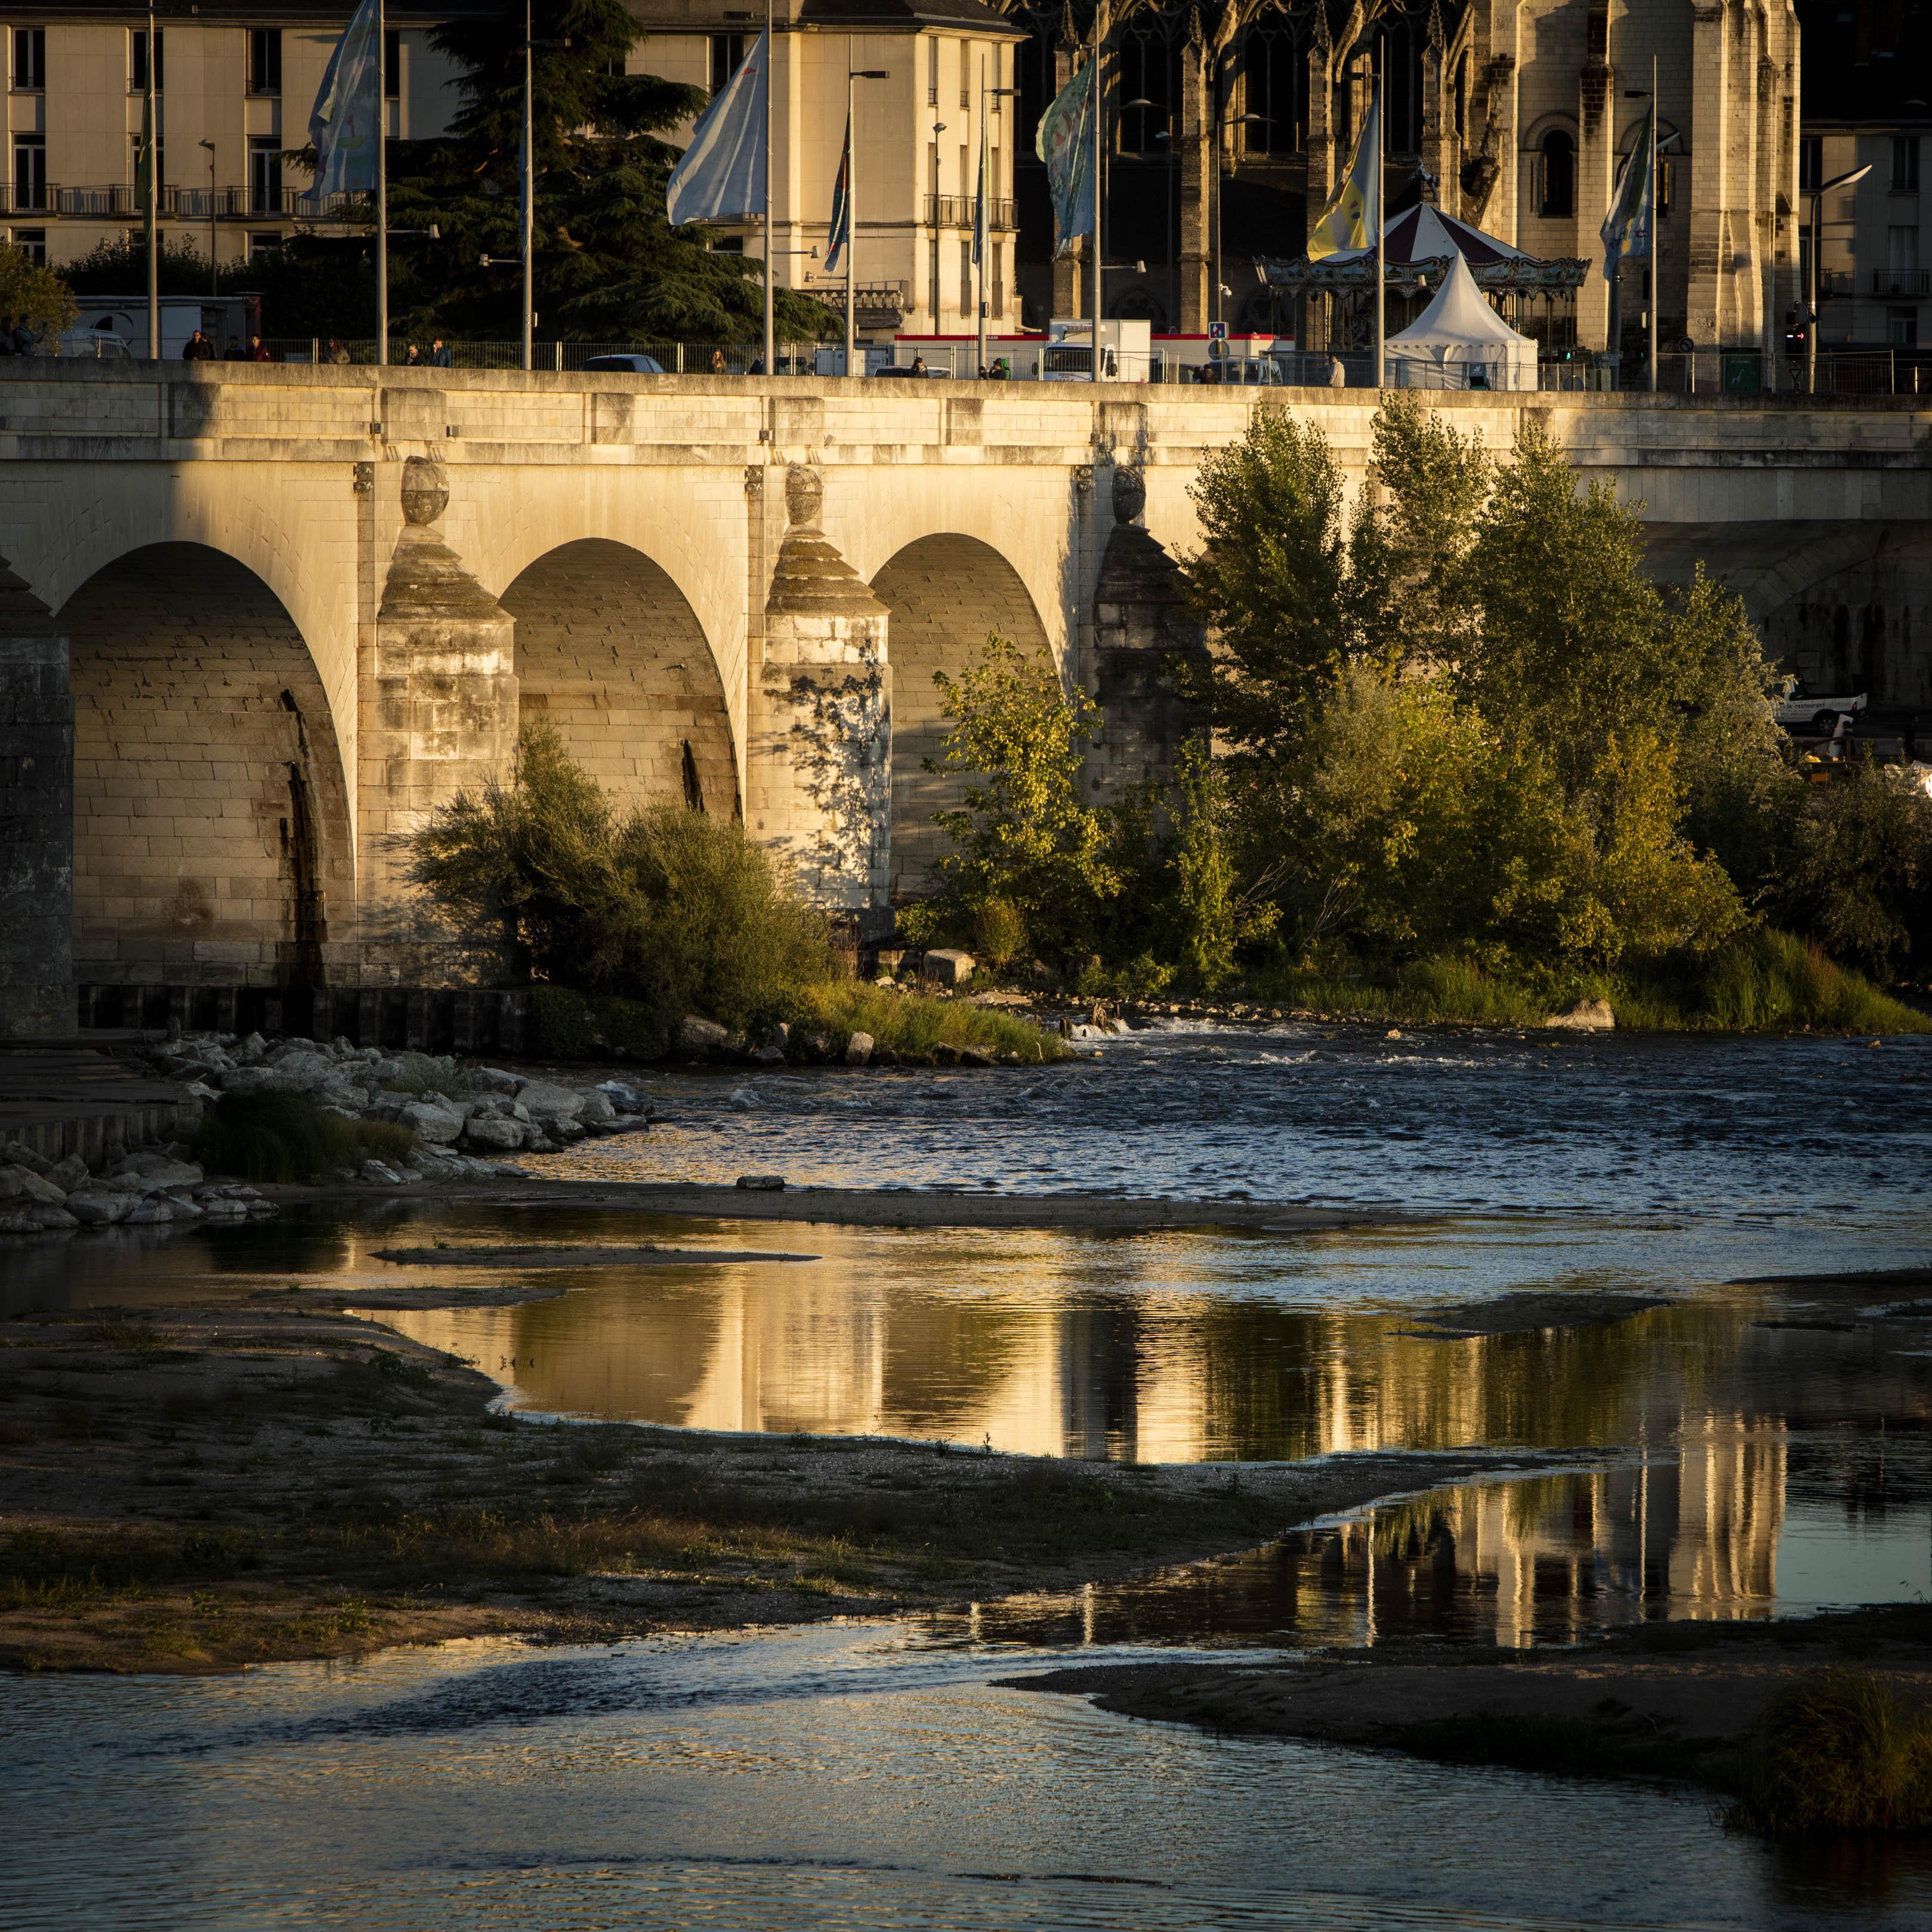 Bords de Loire, reflets du pont Wilson - Septembre 2017